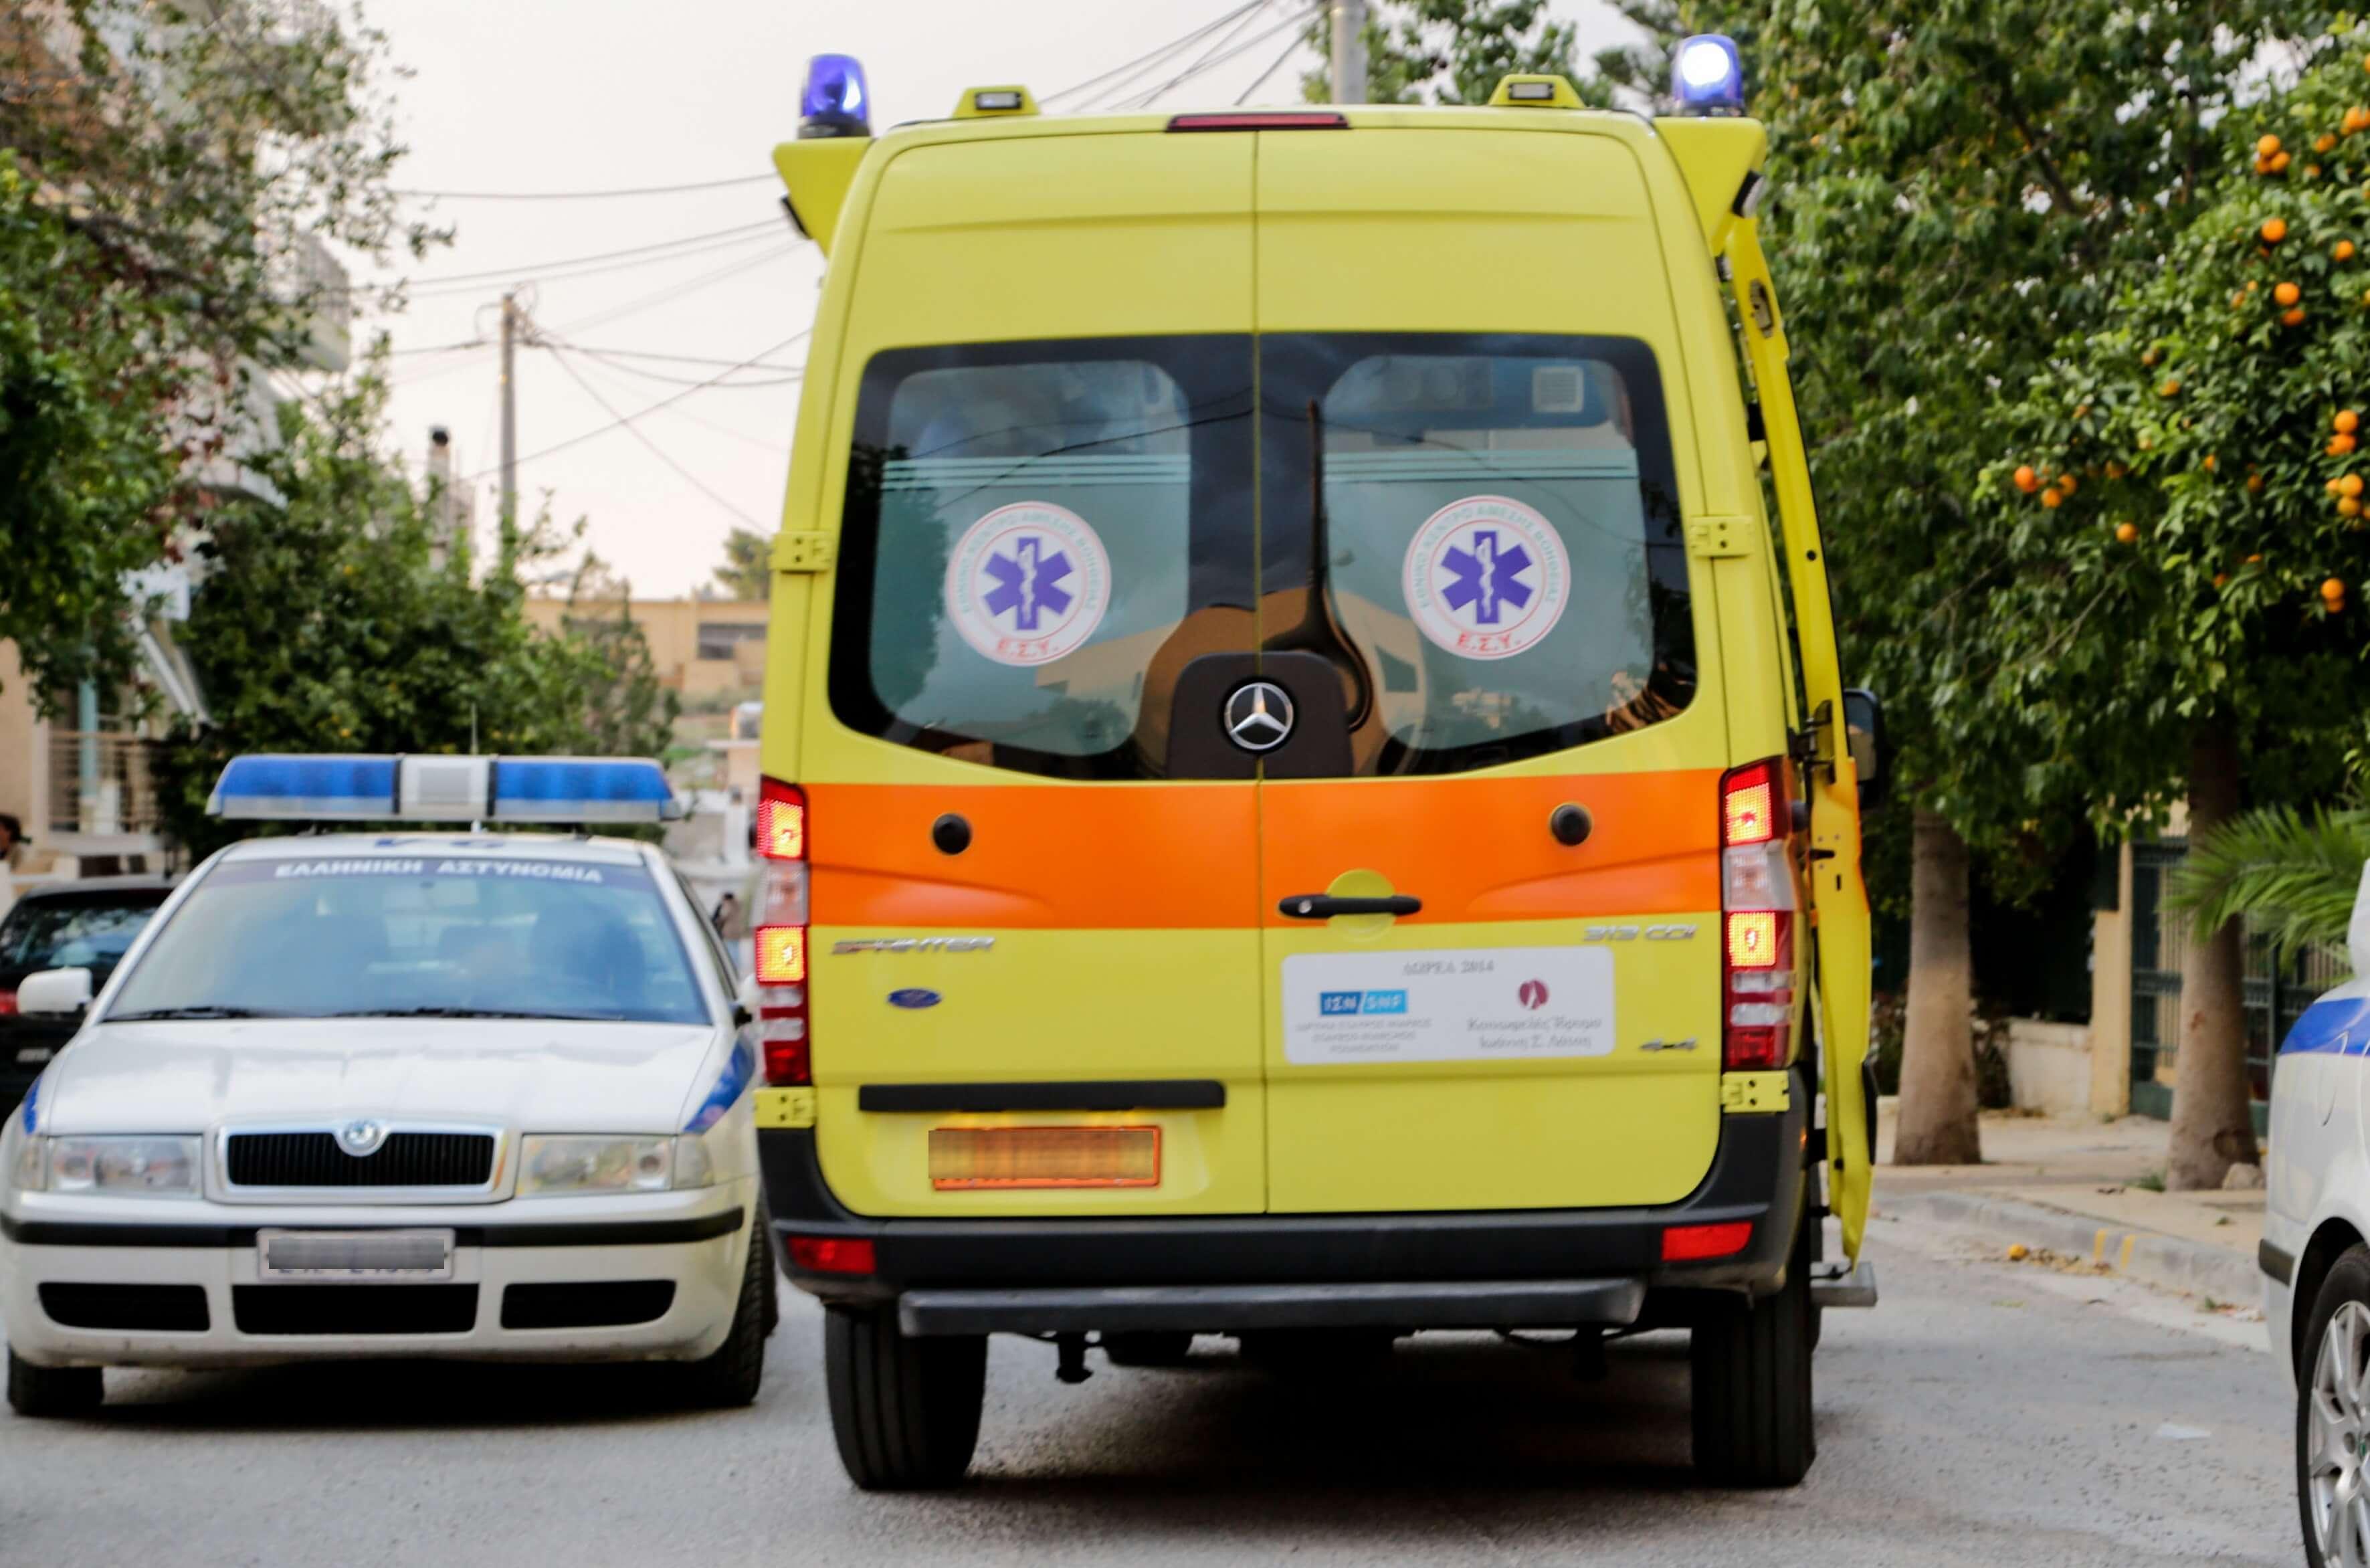 Σοβαρό τροχαίο στα Τέμπη! Σύγκρουση λεωφορείου με αυτοκίνητο!